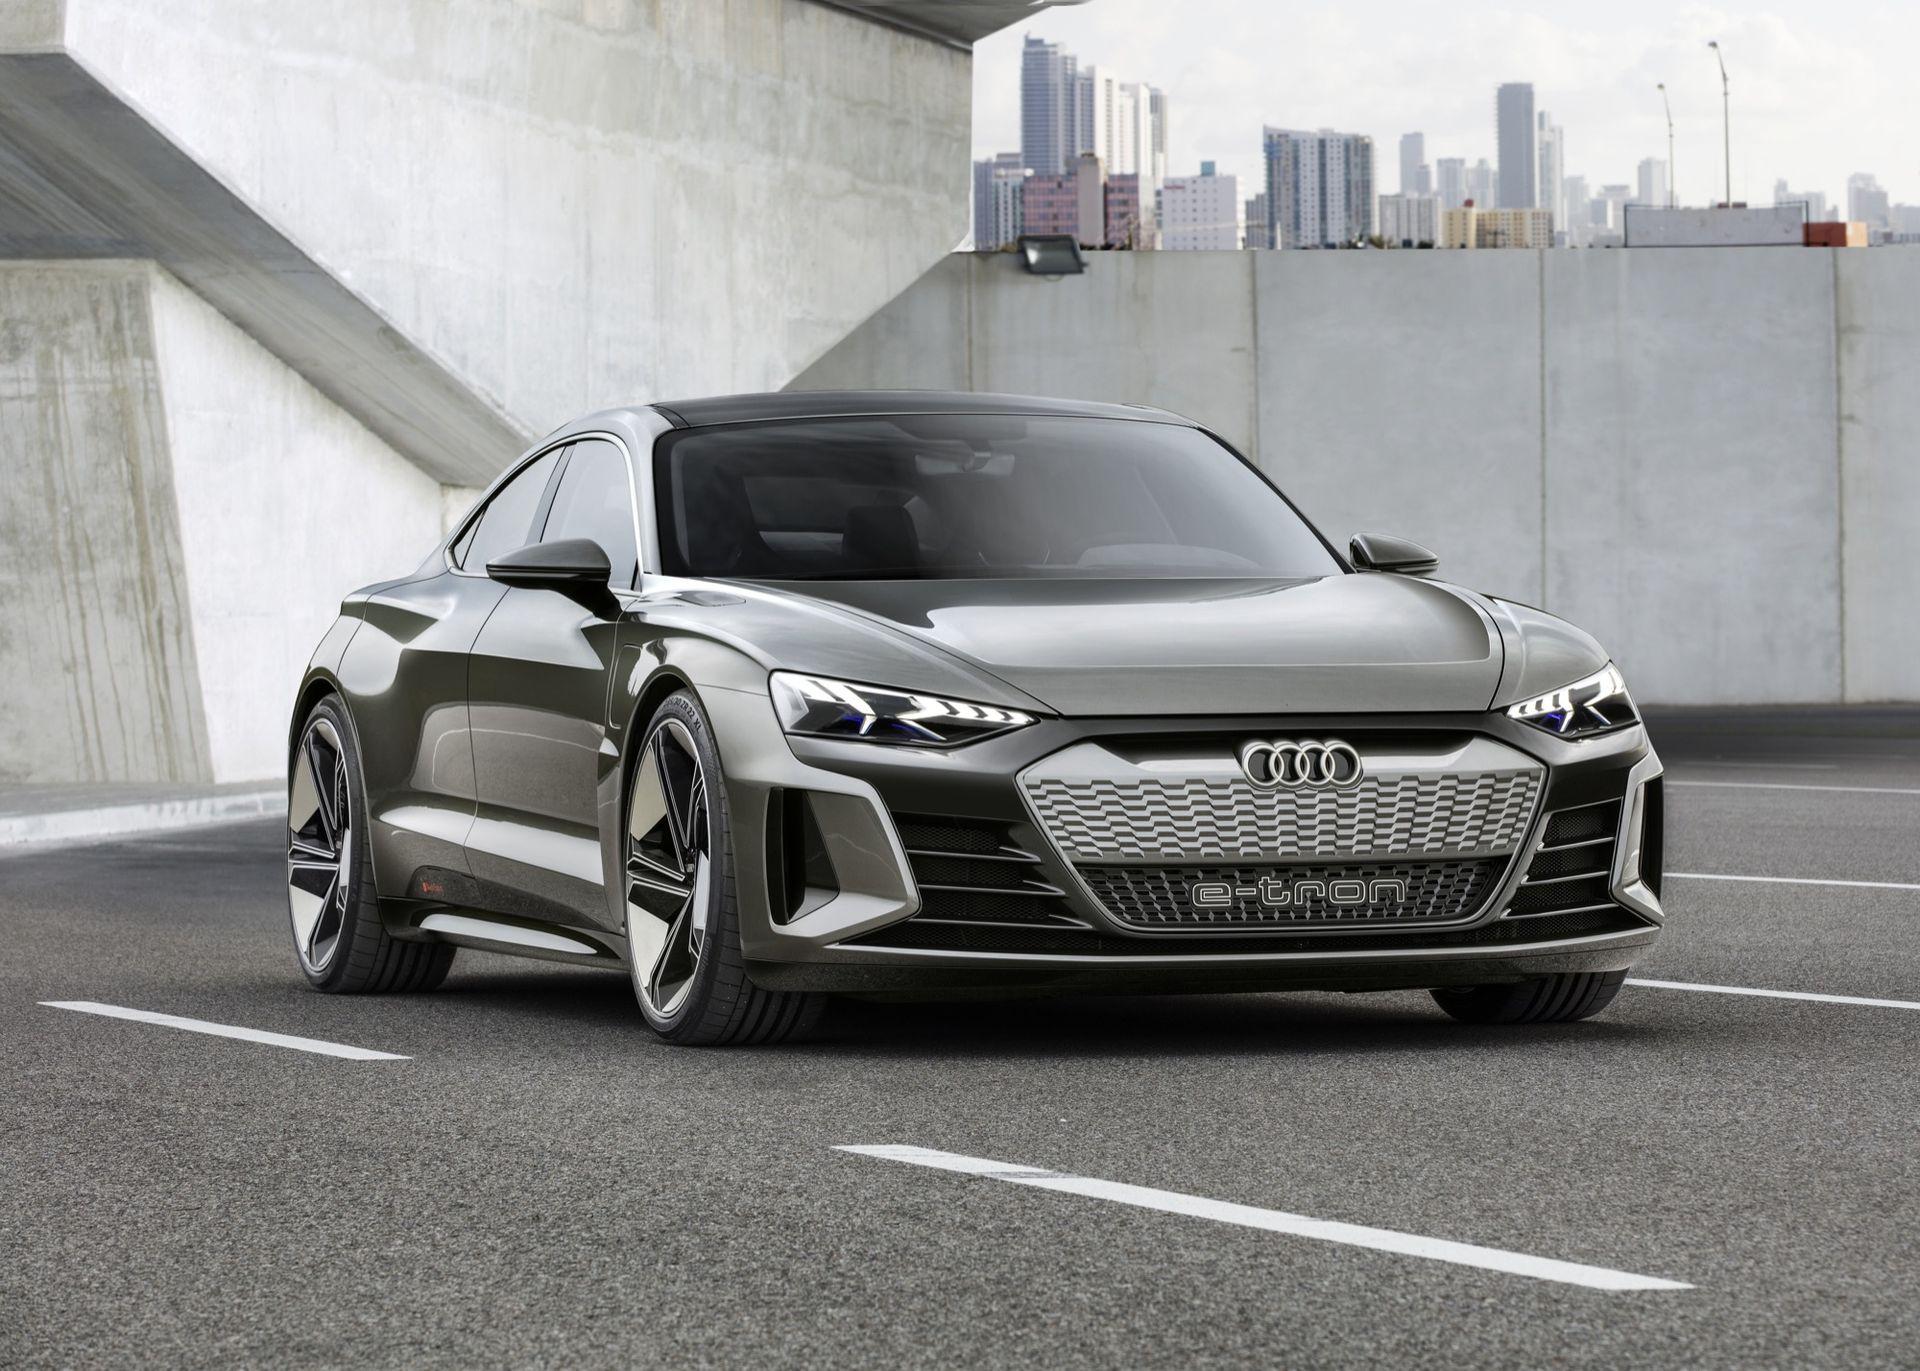 Audi har startat rejset för att komma ikapp Tesla